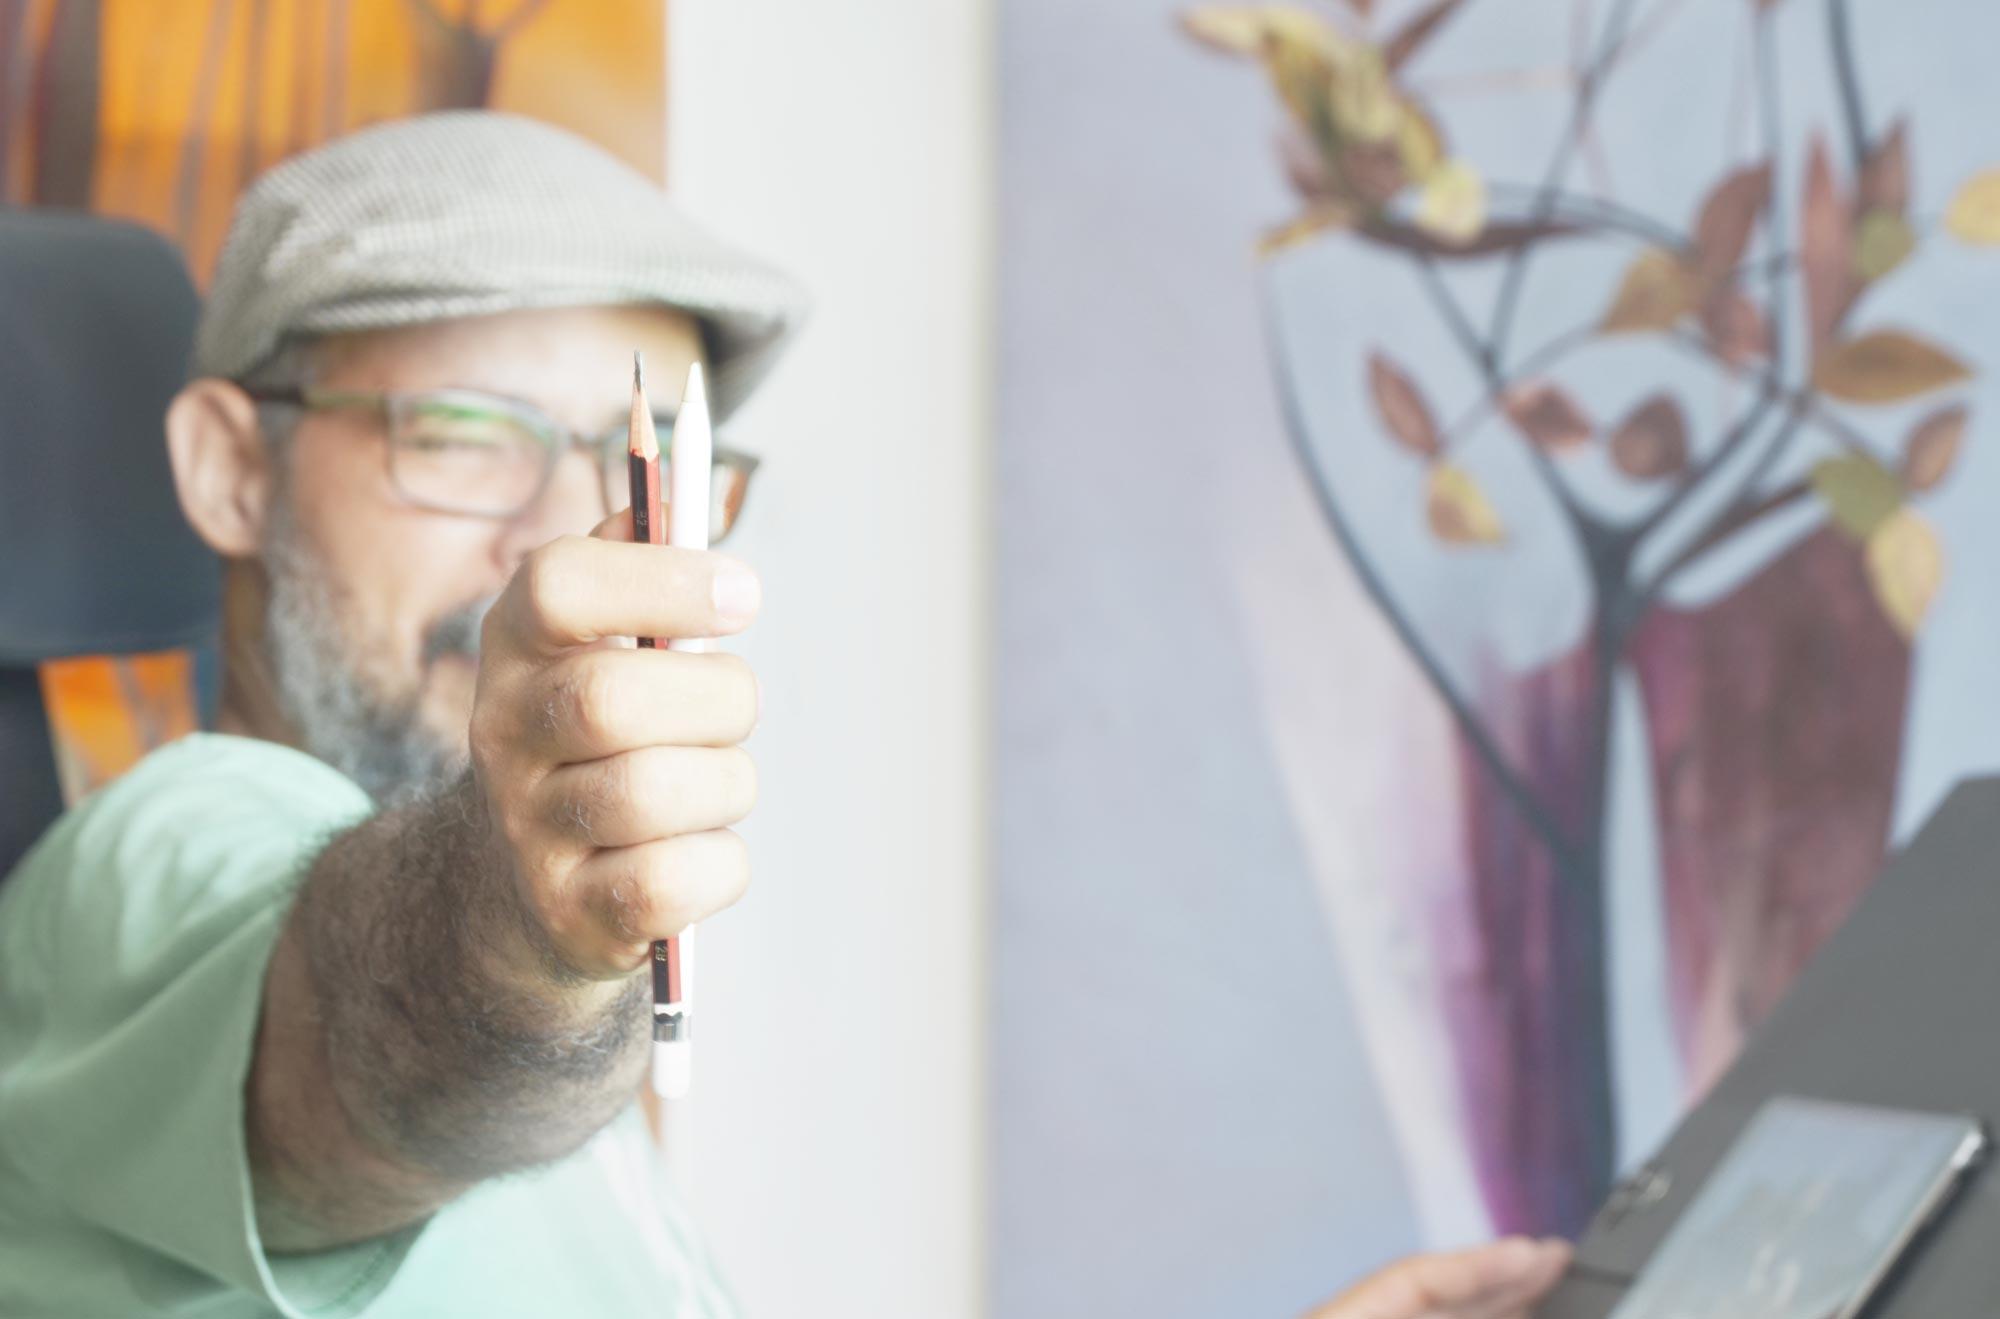 José_Luis_Baldera-02.jpg